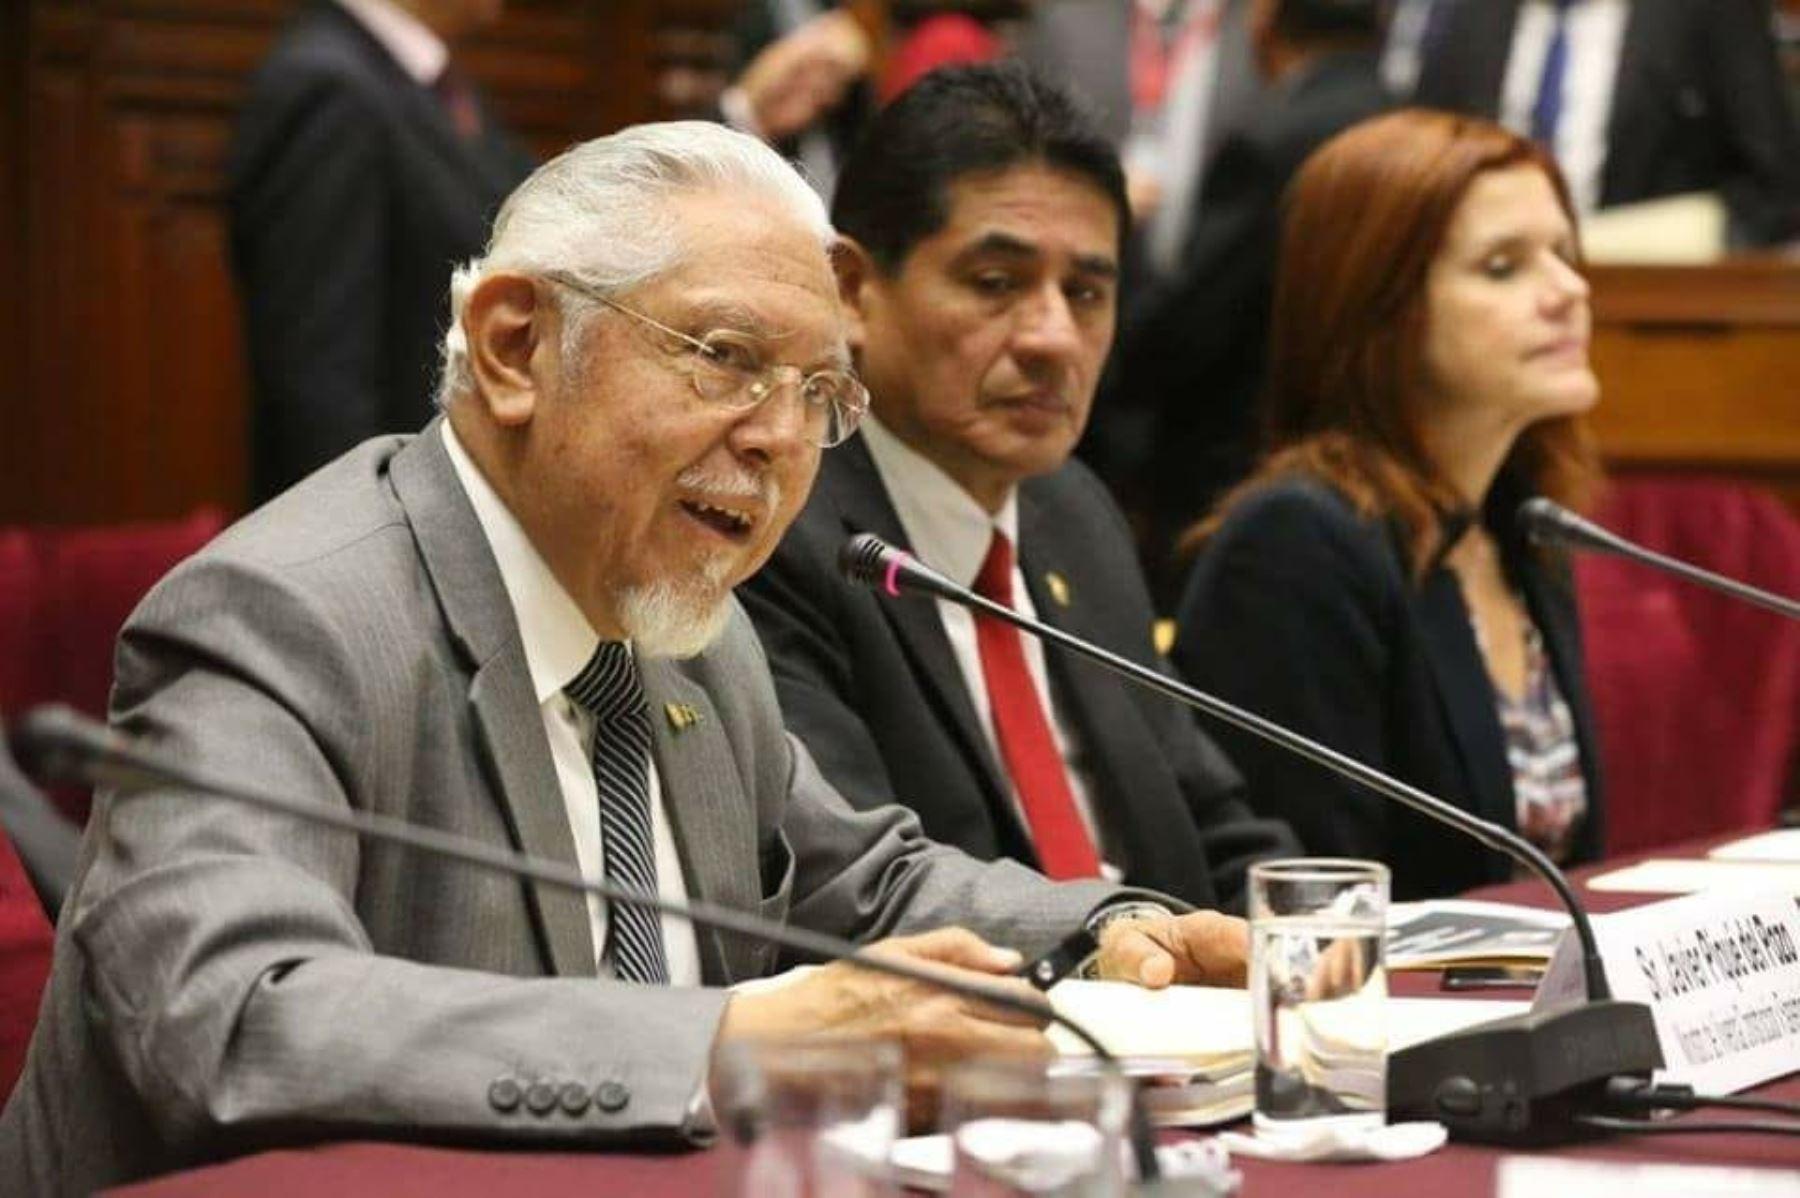 Ministro de Vivienda, Construcción y Saneamiento, Javier Piqué del Pozo. Foto: Cortesía.